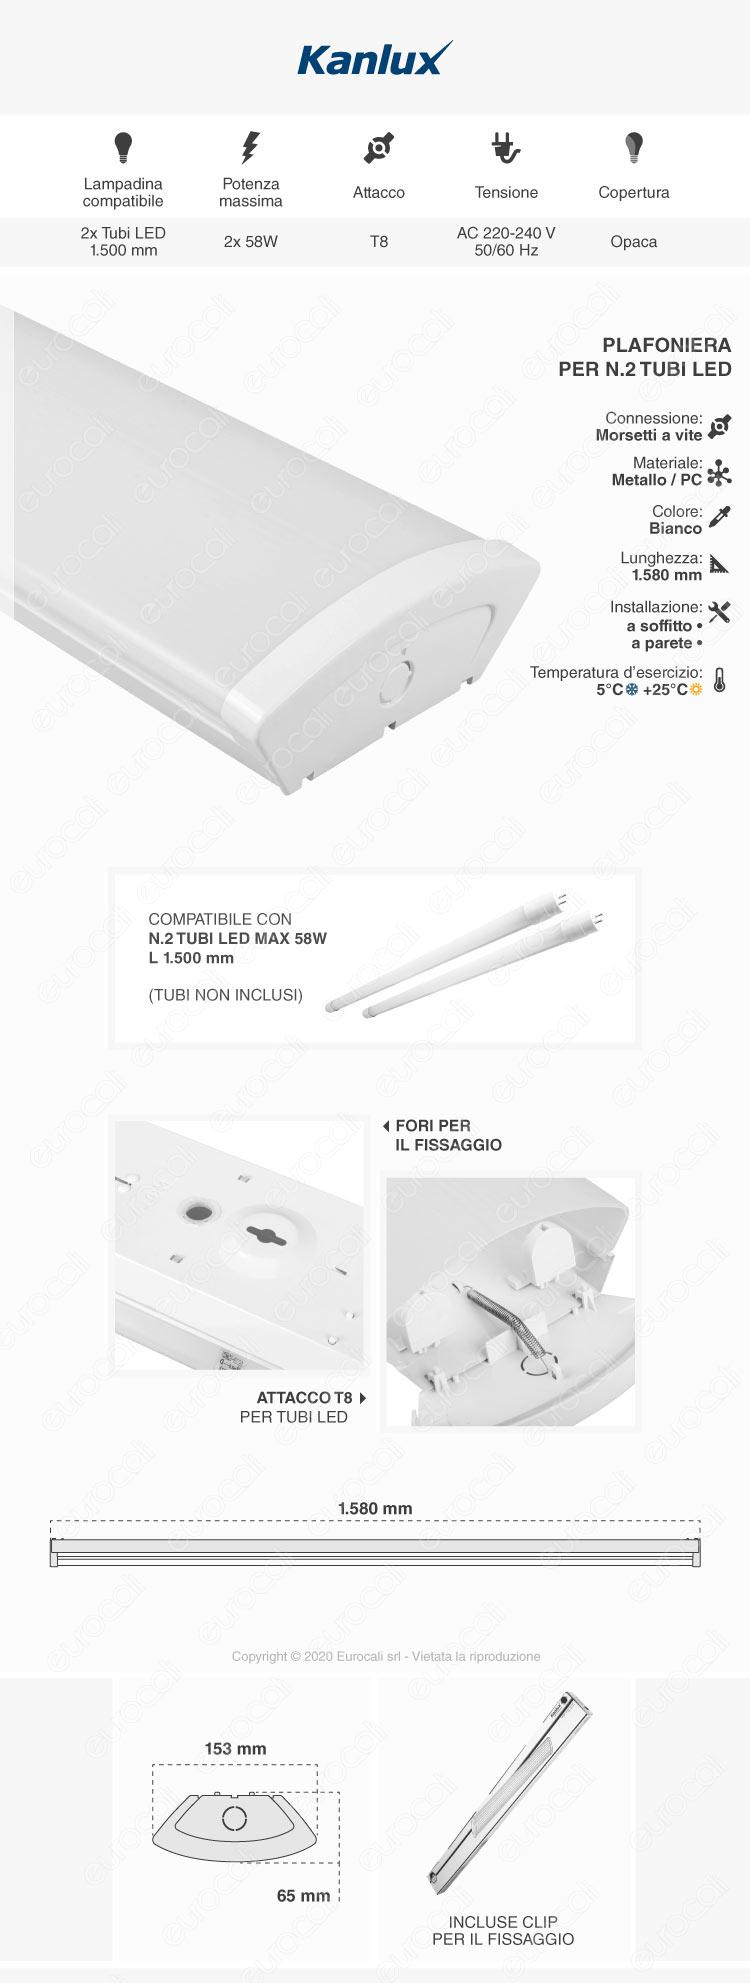 Kanlux MEBA 4LED Plafoniera Doppia per 2 Tubi LED T8 da 150cm